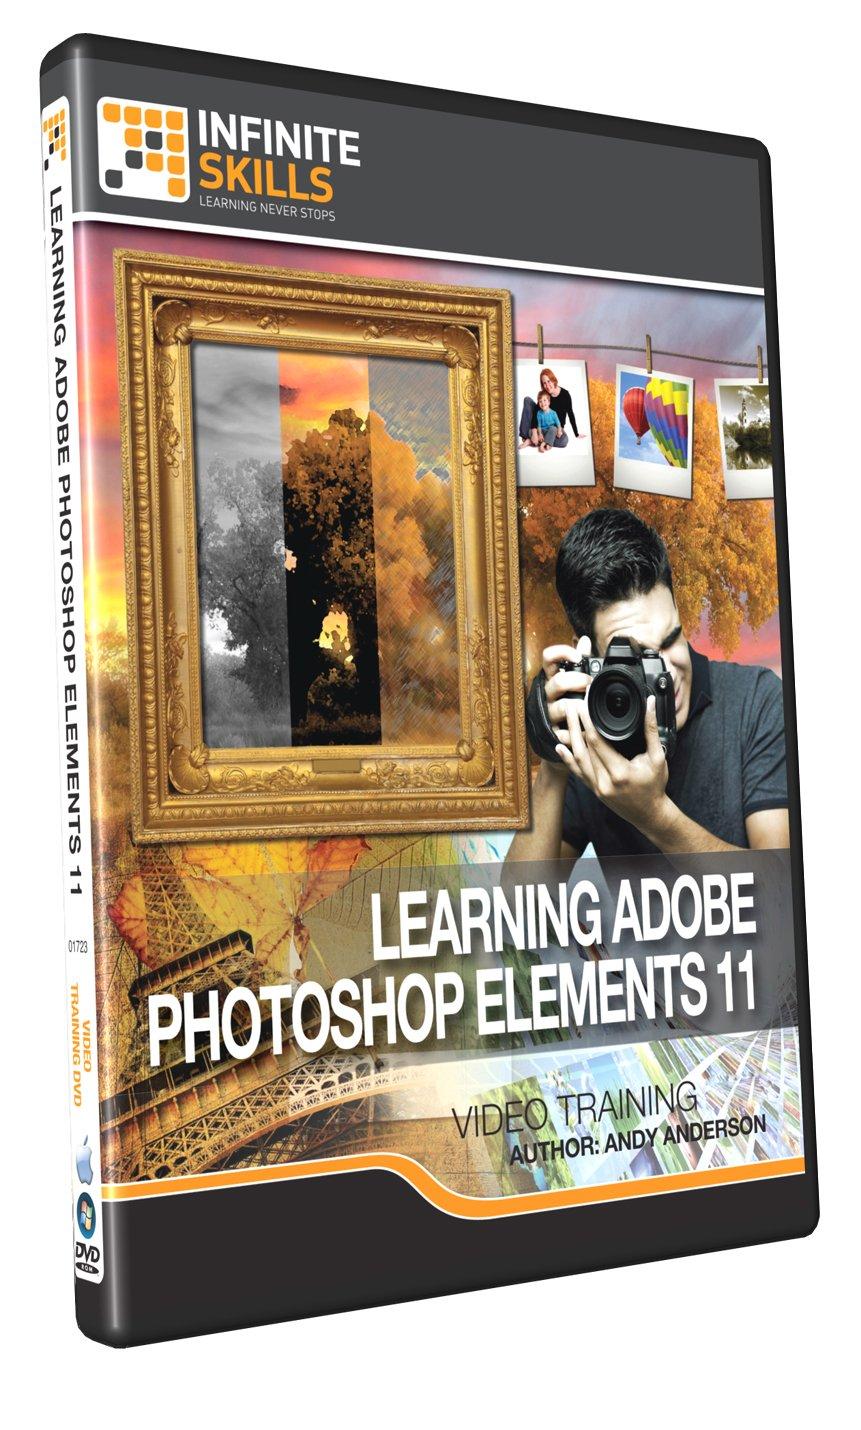 Amazon infiniteskills adobe photoshop elements 11 training dvd baditri Images